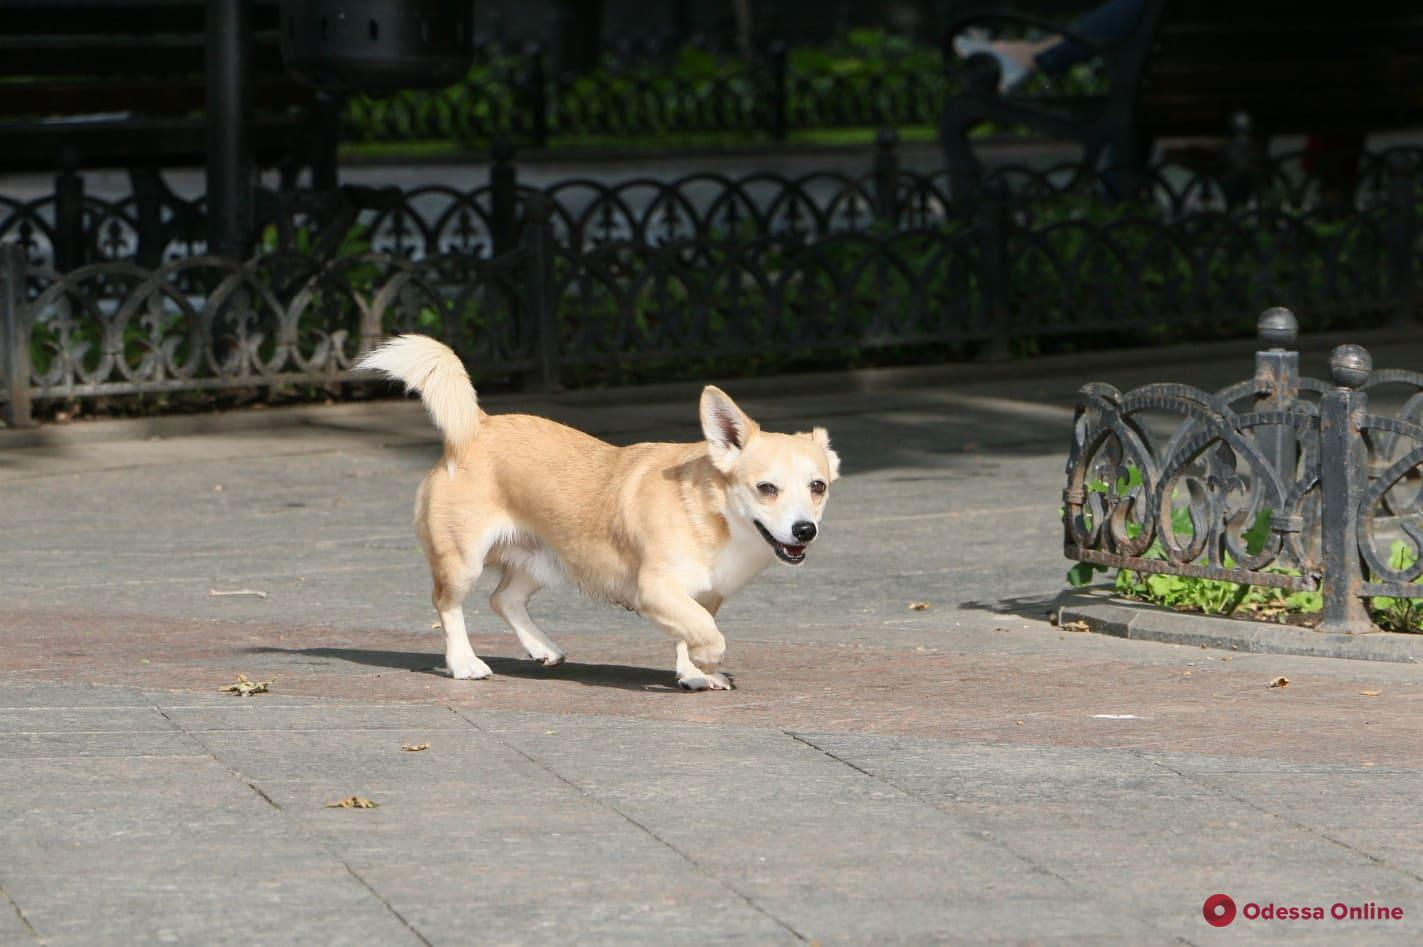 Самые лучшие мальчики и девочки: фотоподборка одесских барбосов ко Дню собак